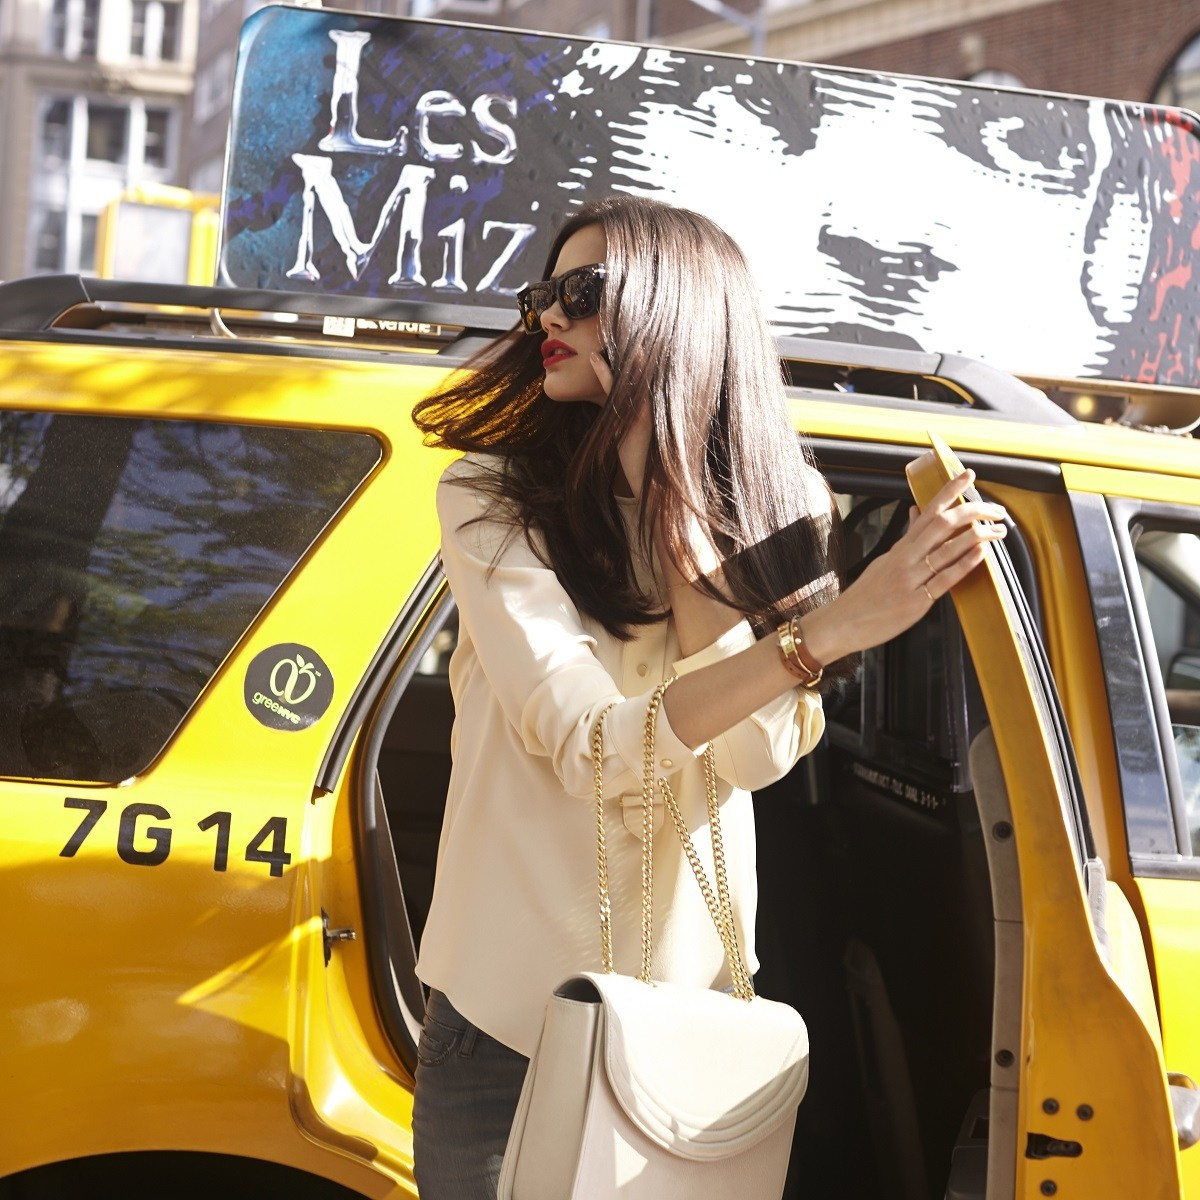 Chica morocha bajando de un taxi